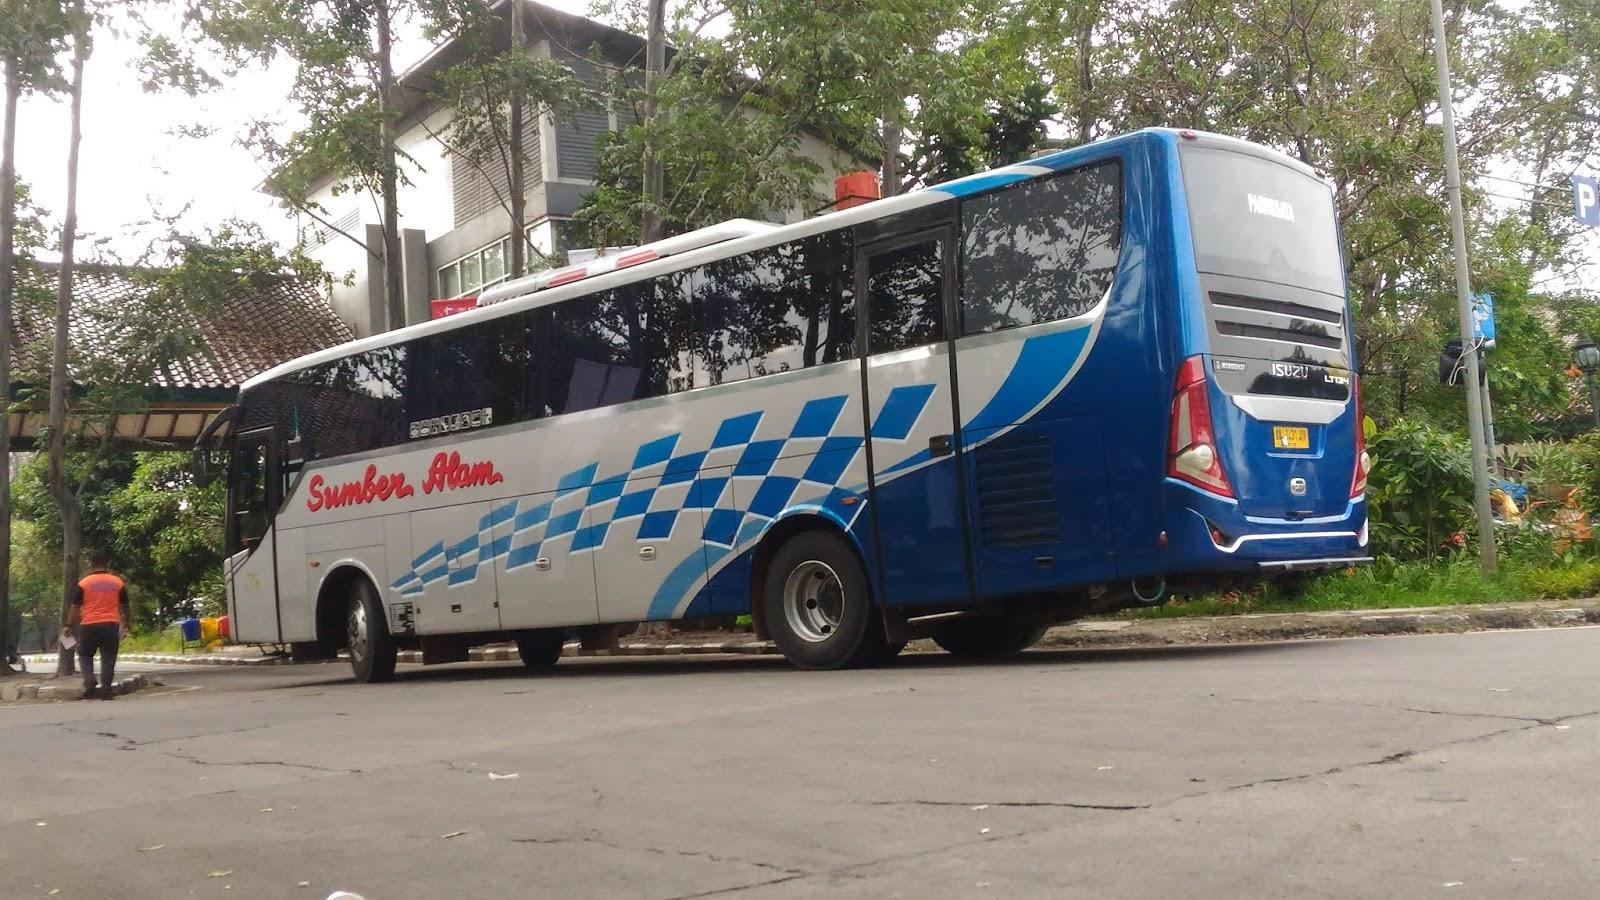 Jual Nusantara Madu Murni 650 Ml Welcome To 650ml Fcs Fuat Cepat Selamat File Edisi Arus Mudik 2016